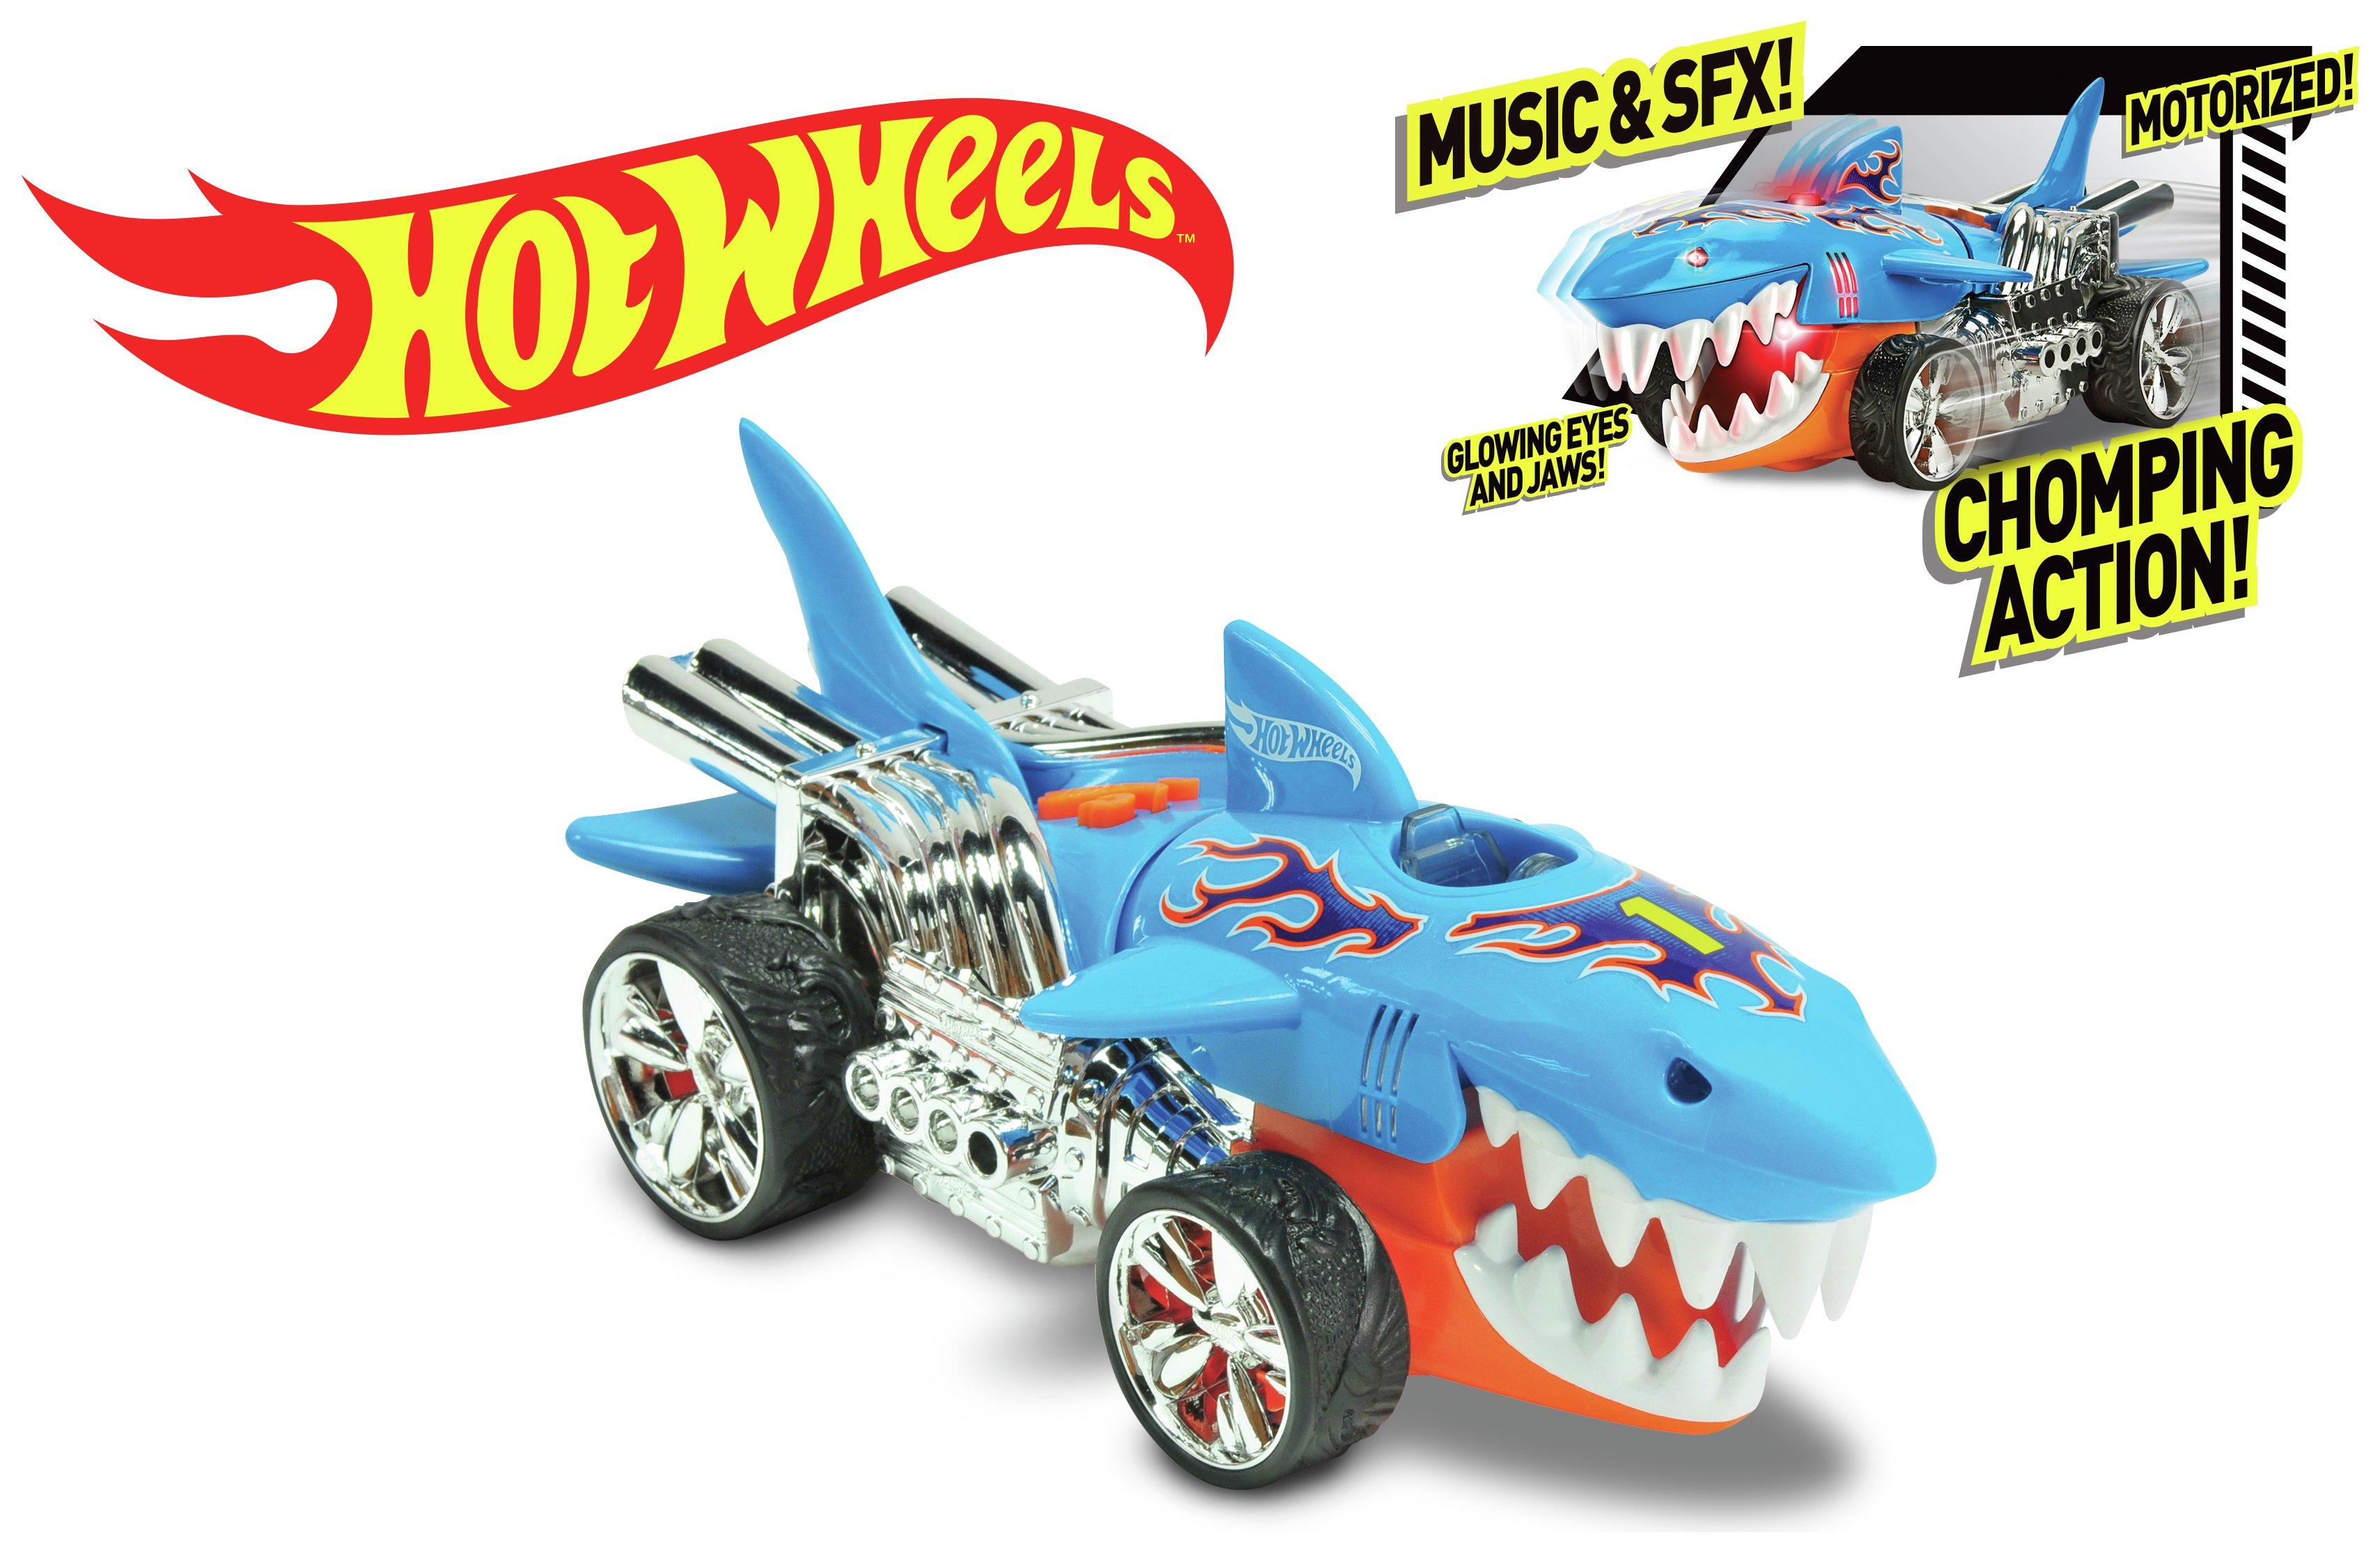 Image of Hot Wheels Extreme Action Sharkruiser Motorised Vehicle.